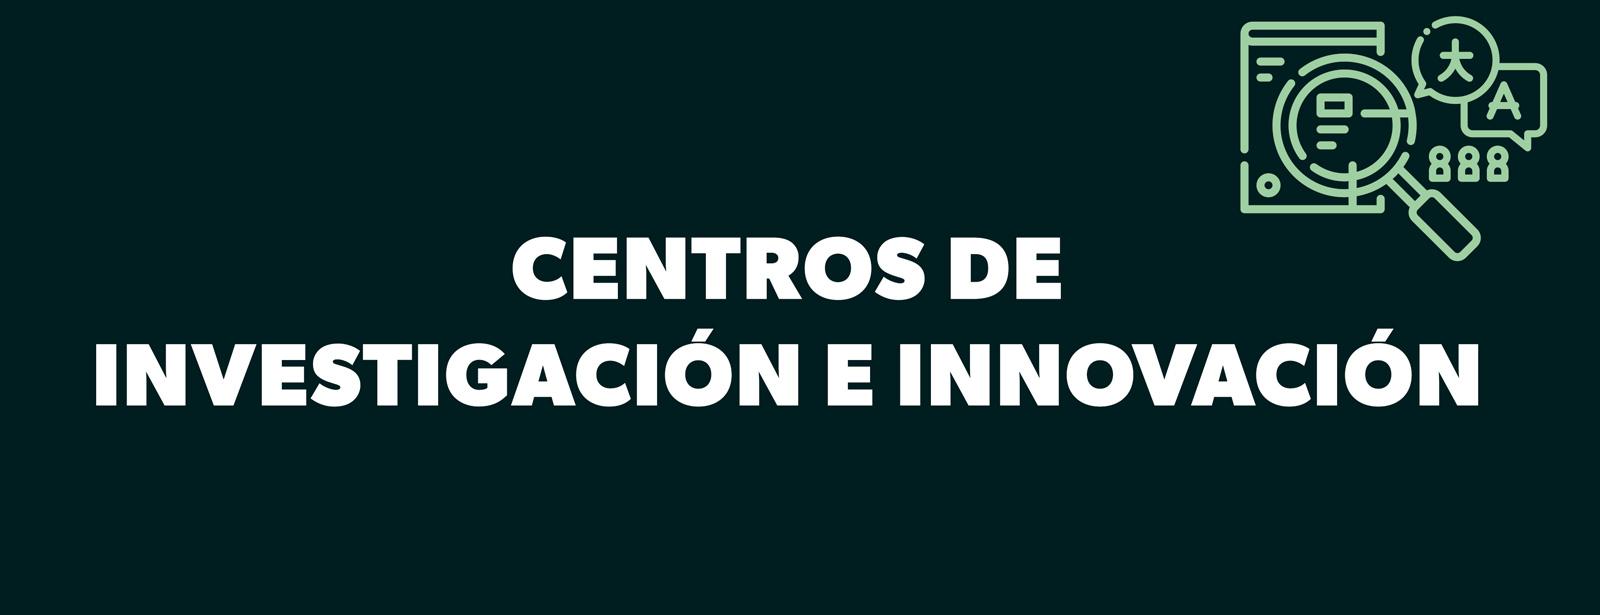 Centros de Investigación e Innovación de la Universidad de los Andes